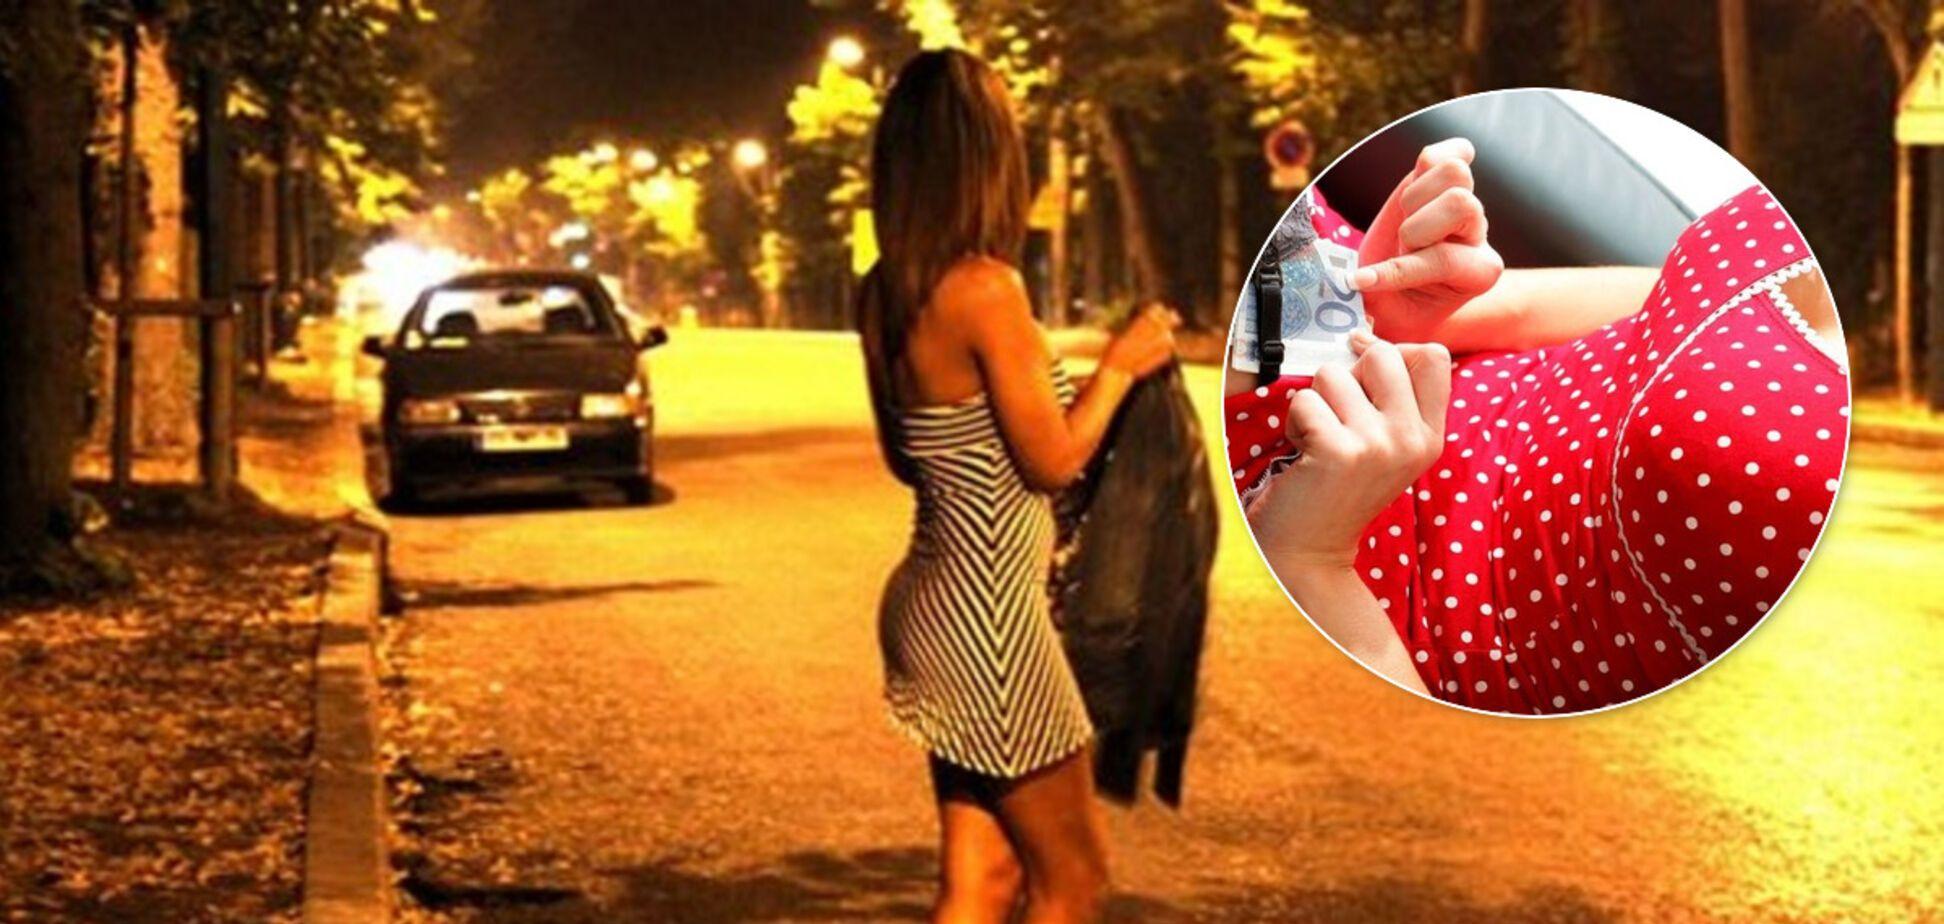 Звездный английский футболист на карантине устроил бесконтрольную секс-вечеринку с моделями